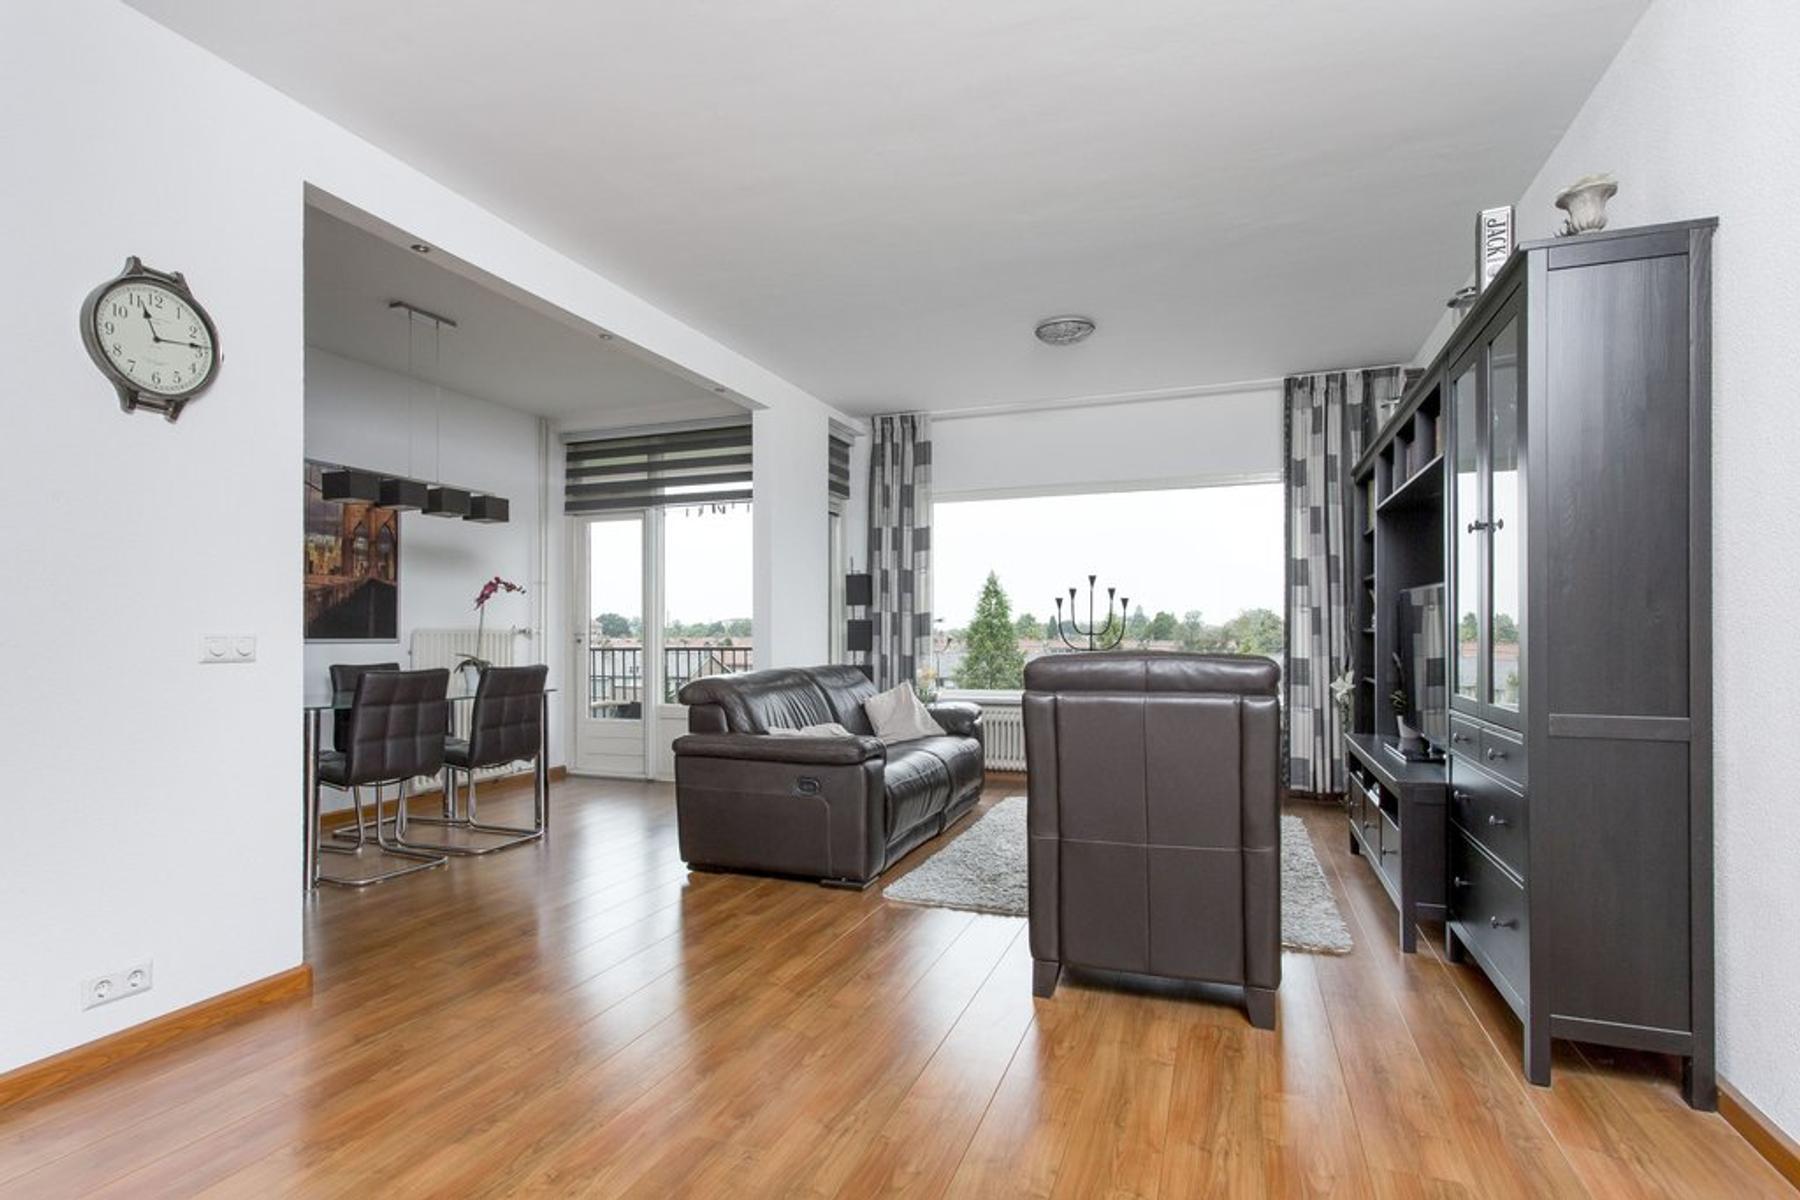 Oranjehof 69 in leerdam 4141 ge: appartement. gerssen